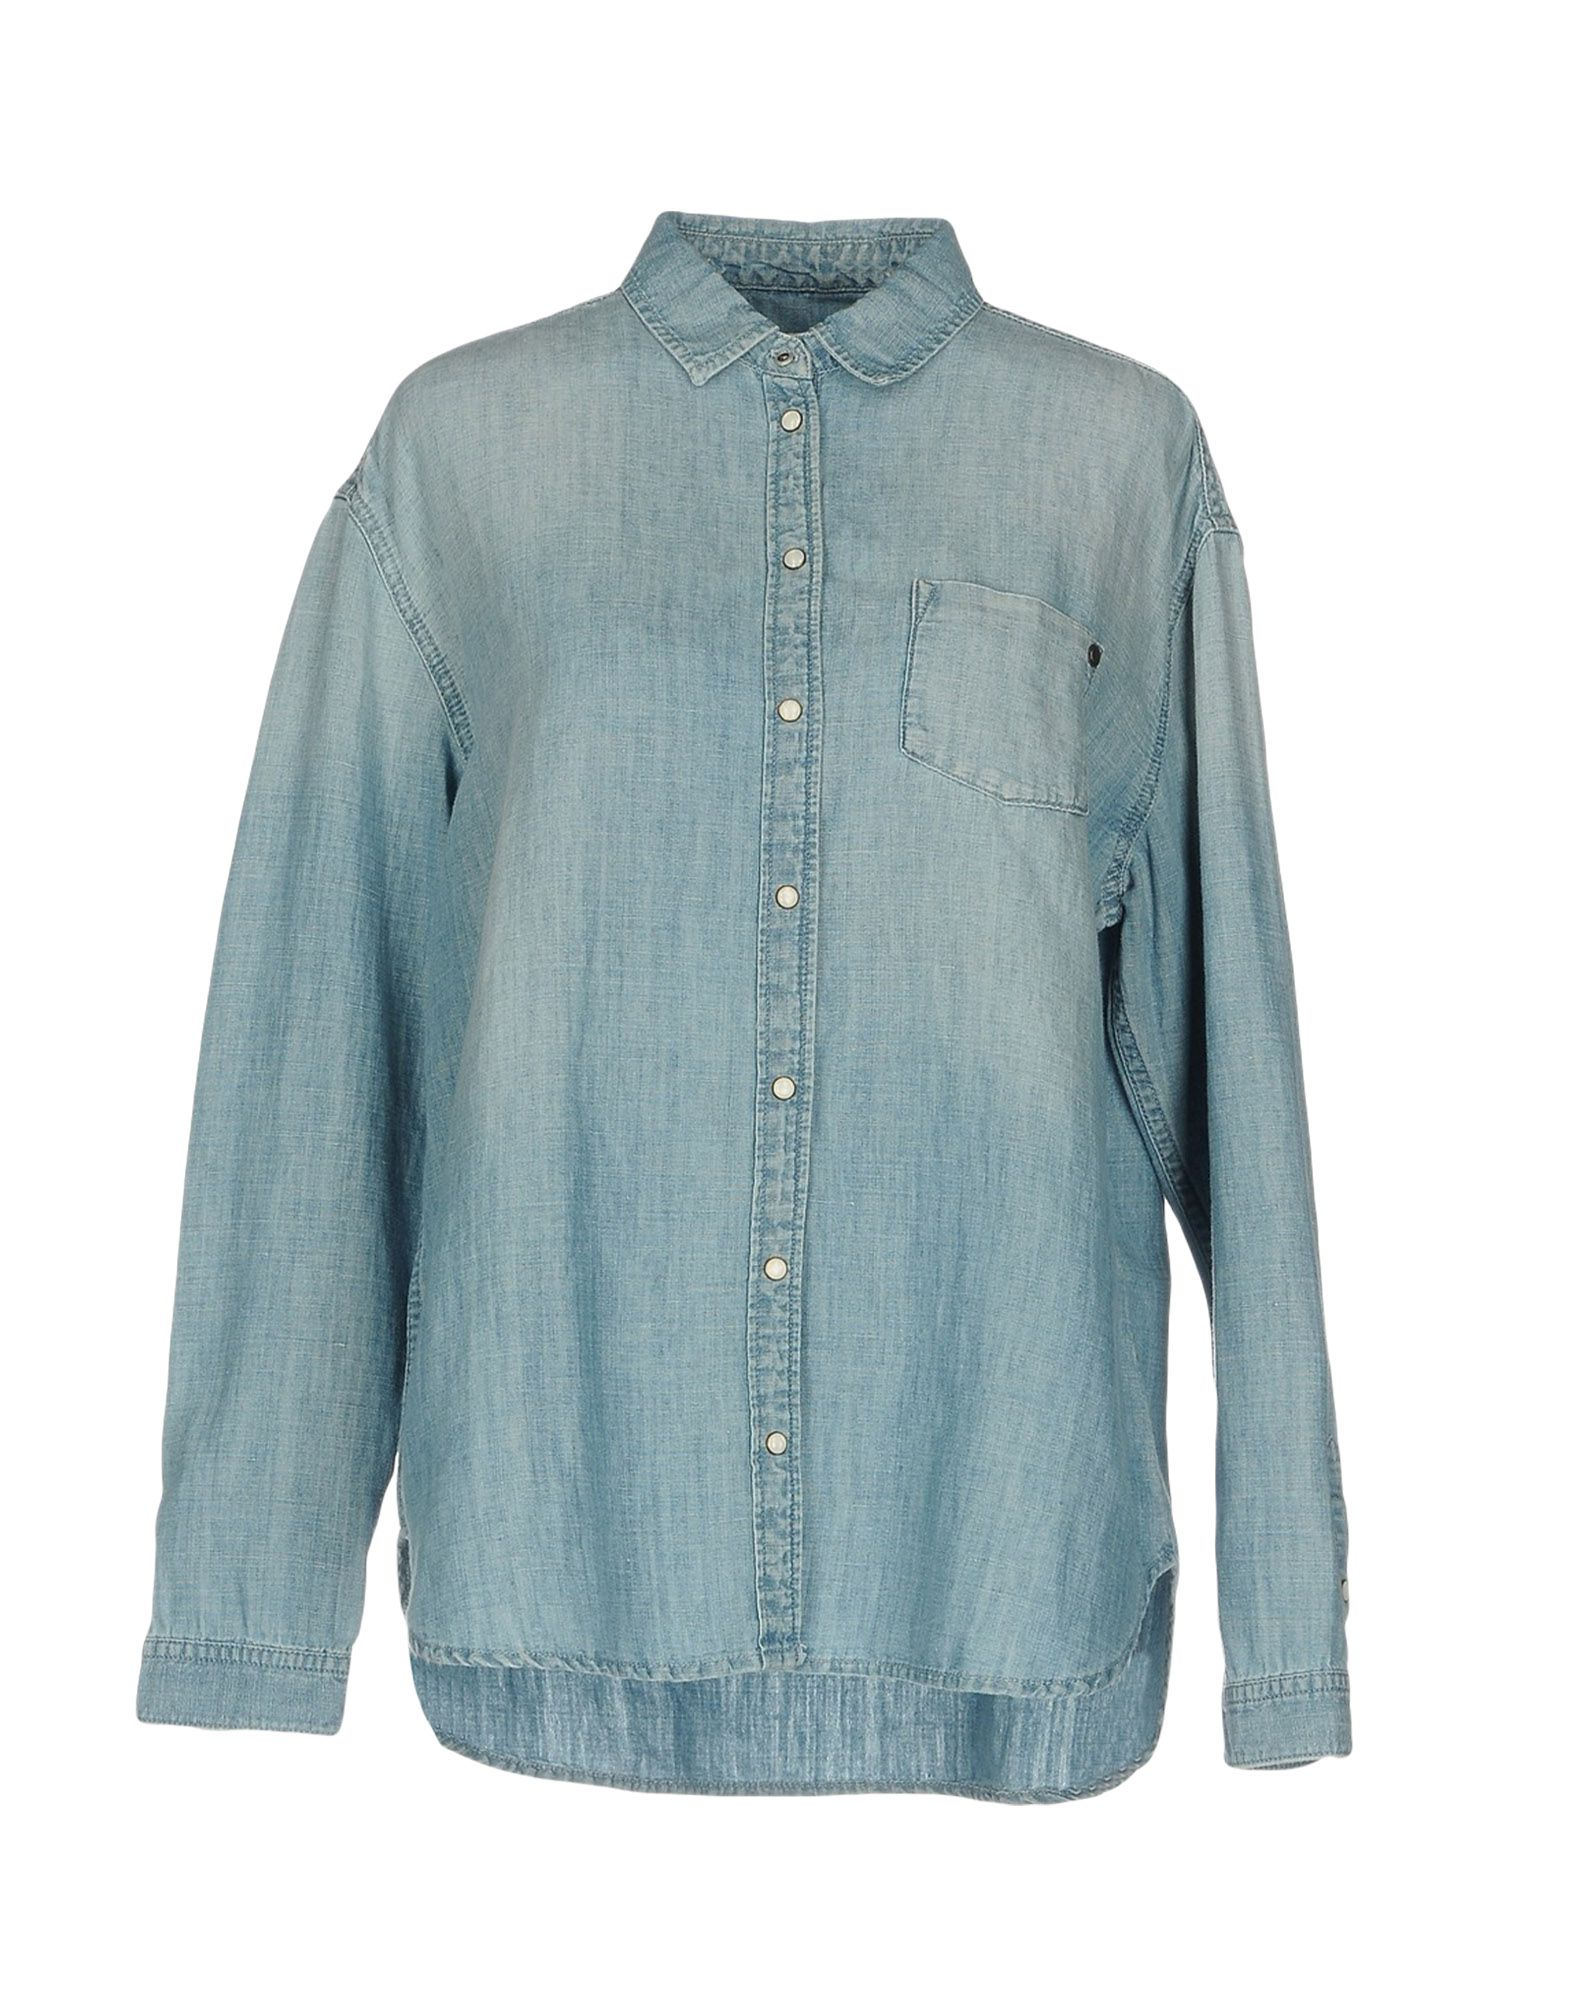 PEPE JEANS Джинсовая рубашка